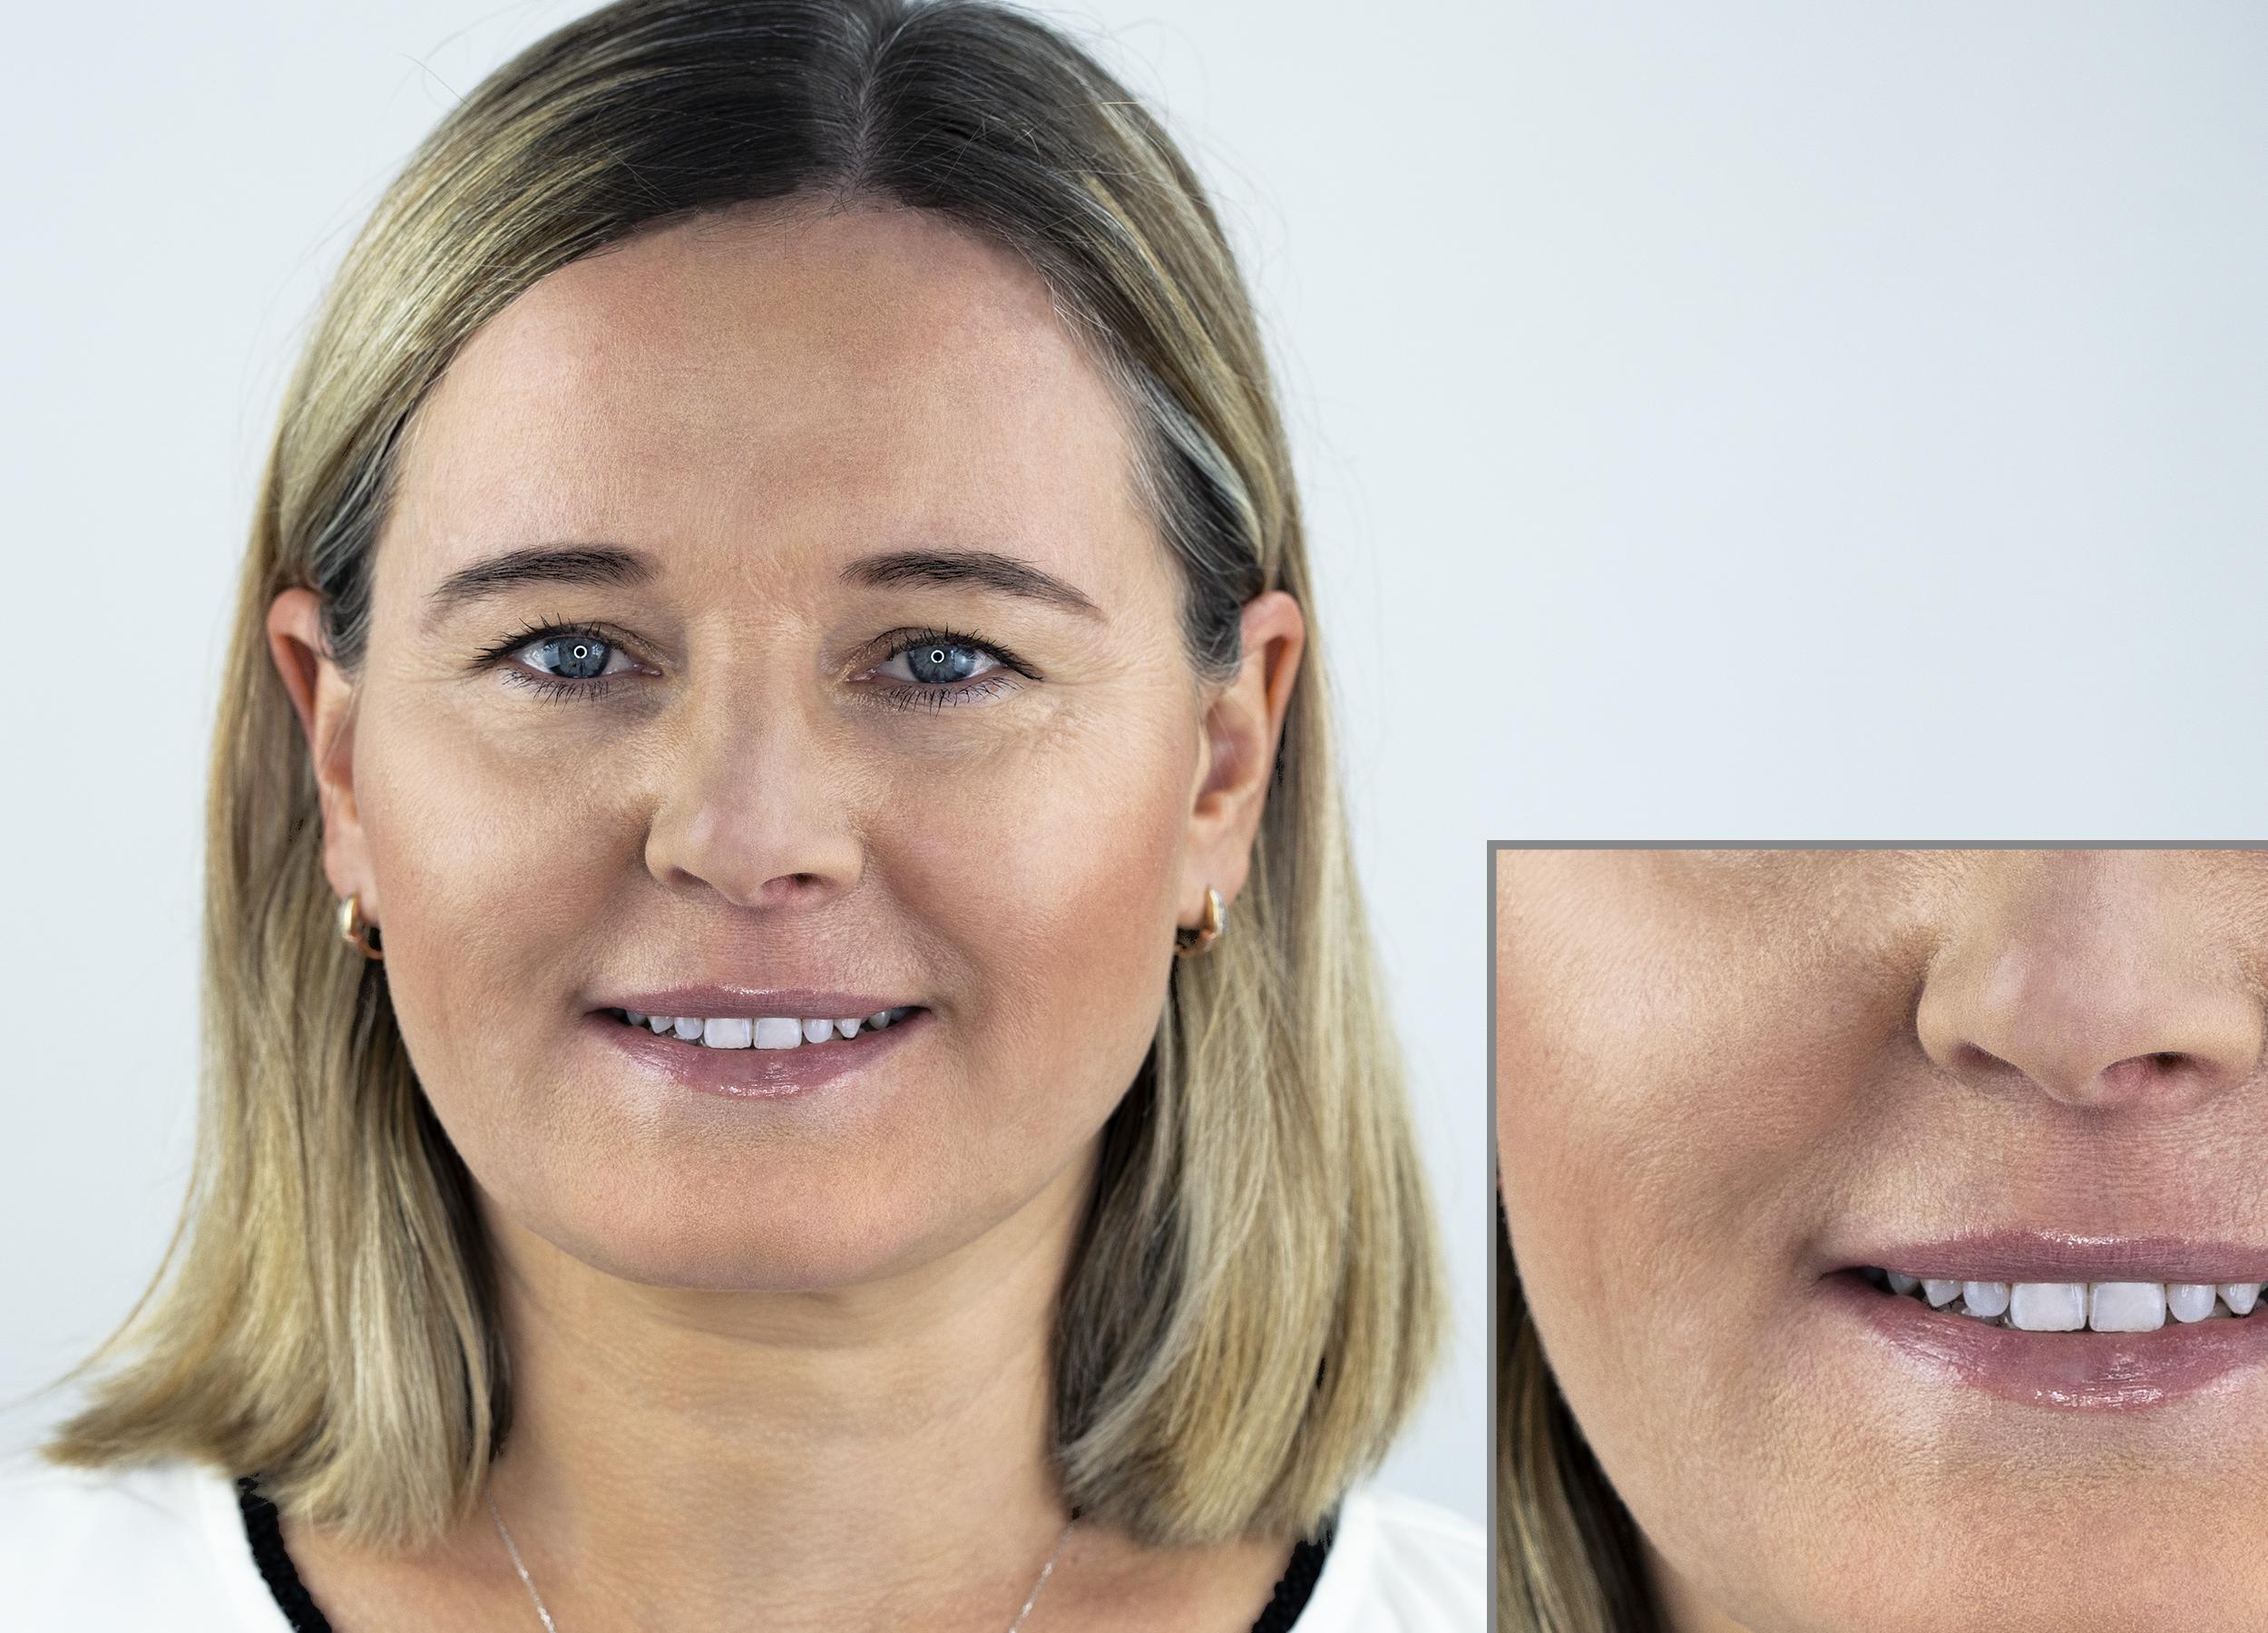 Hautbild nach der Ampullenkur